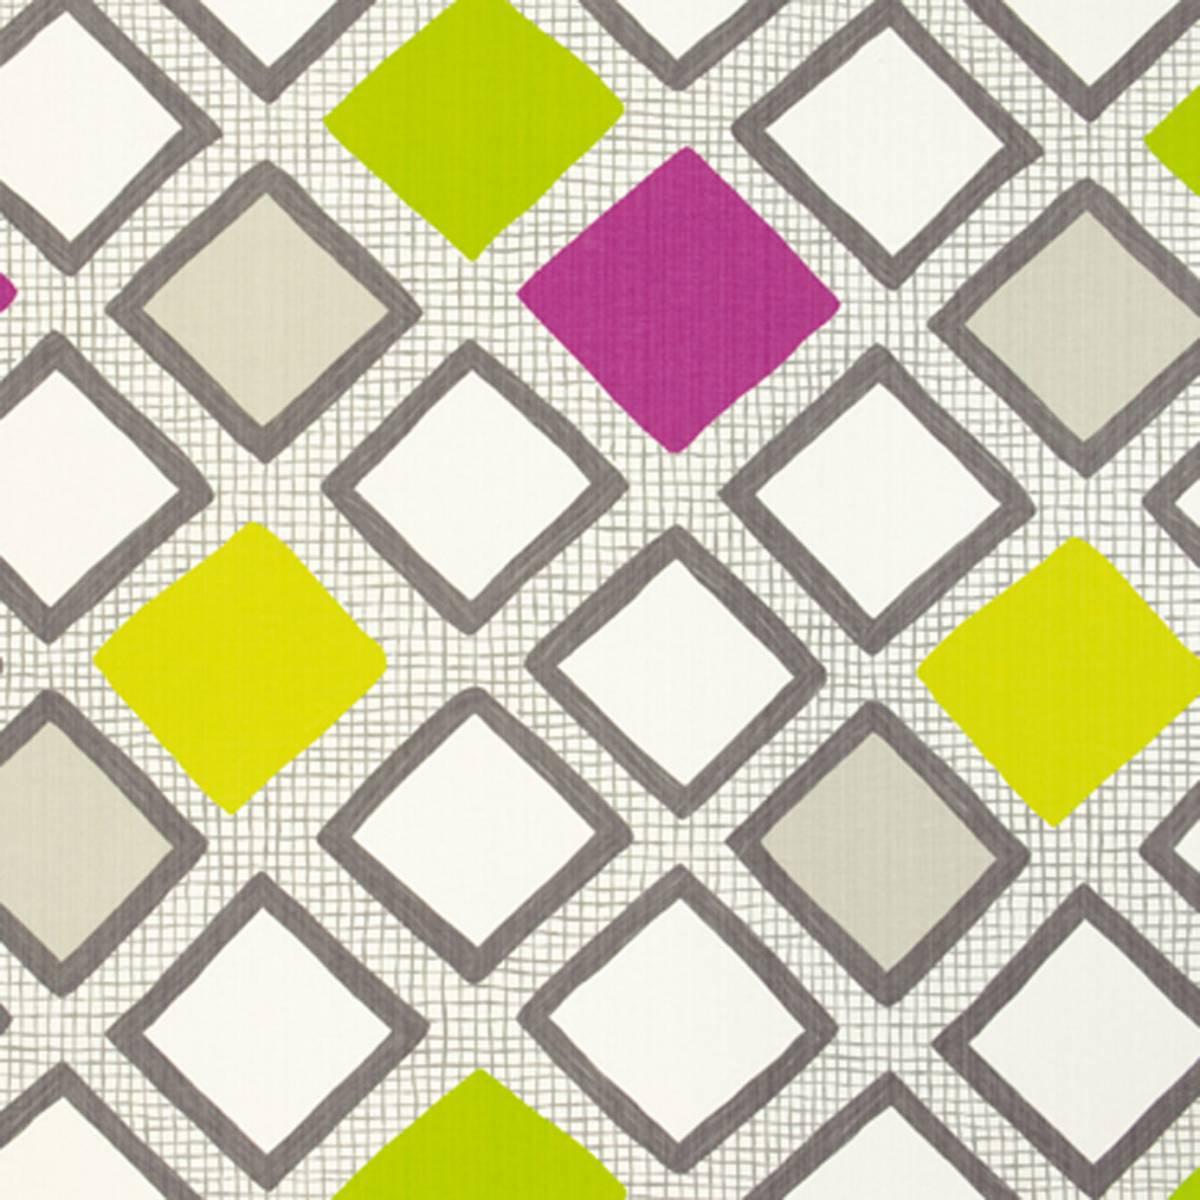 miami fabric pebble f1810 04 designers guild miami. Black Bedroom Furniture Sets. Home Design Ideas